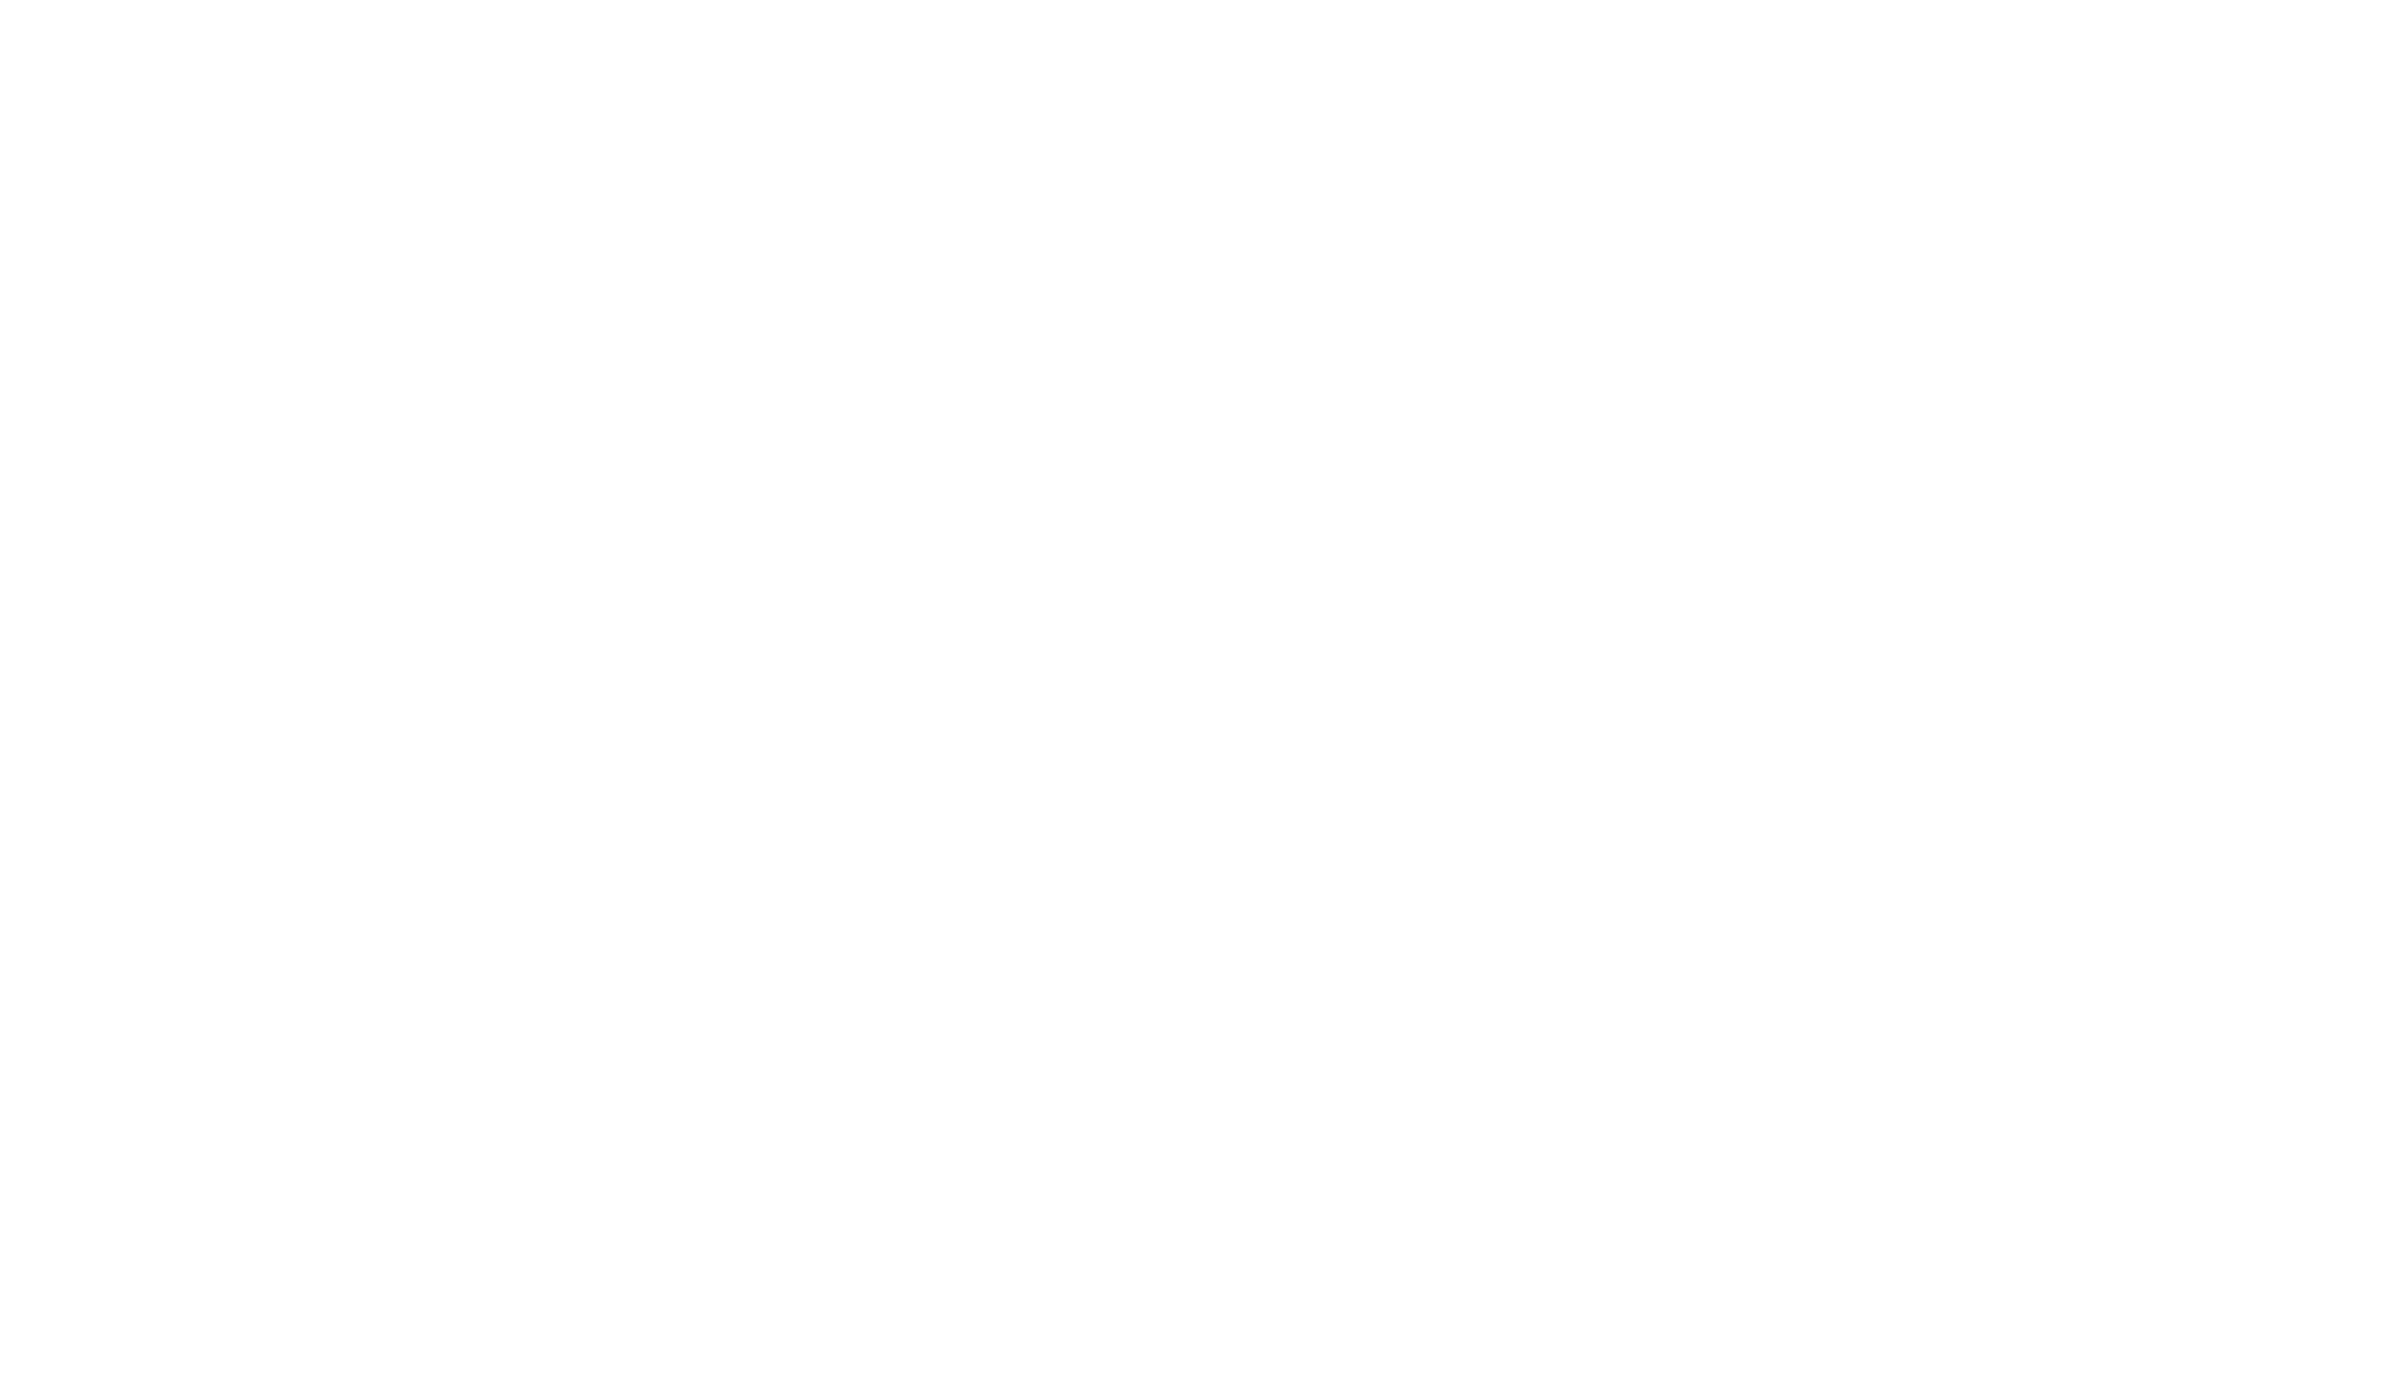 restarts-logo-white-on-trans copy